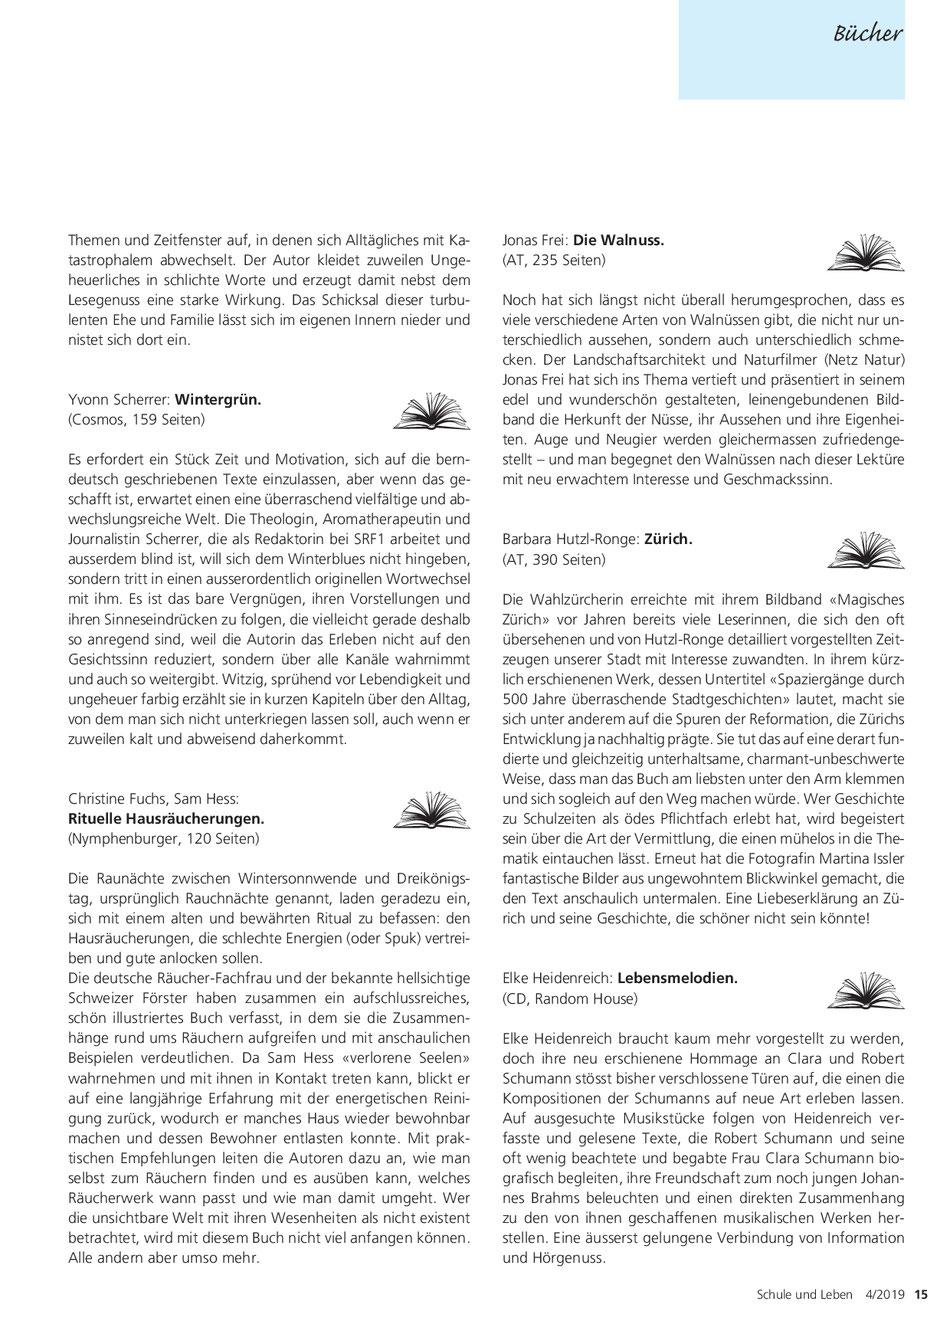 """Buchbesprechung """"Wintergrüen"""" von Barbara Bernath-Frei, Aromatologin in Zürich, in der Zeitschrift """"Schule und Leben"""""""